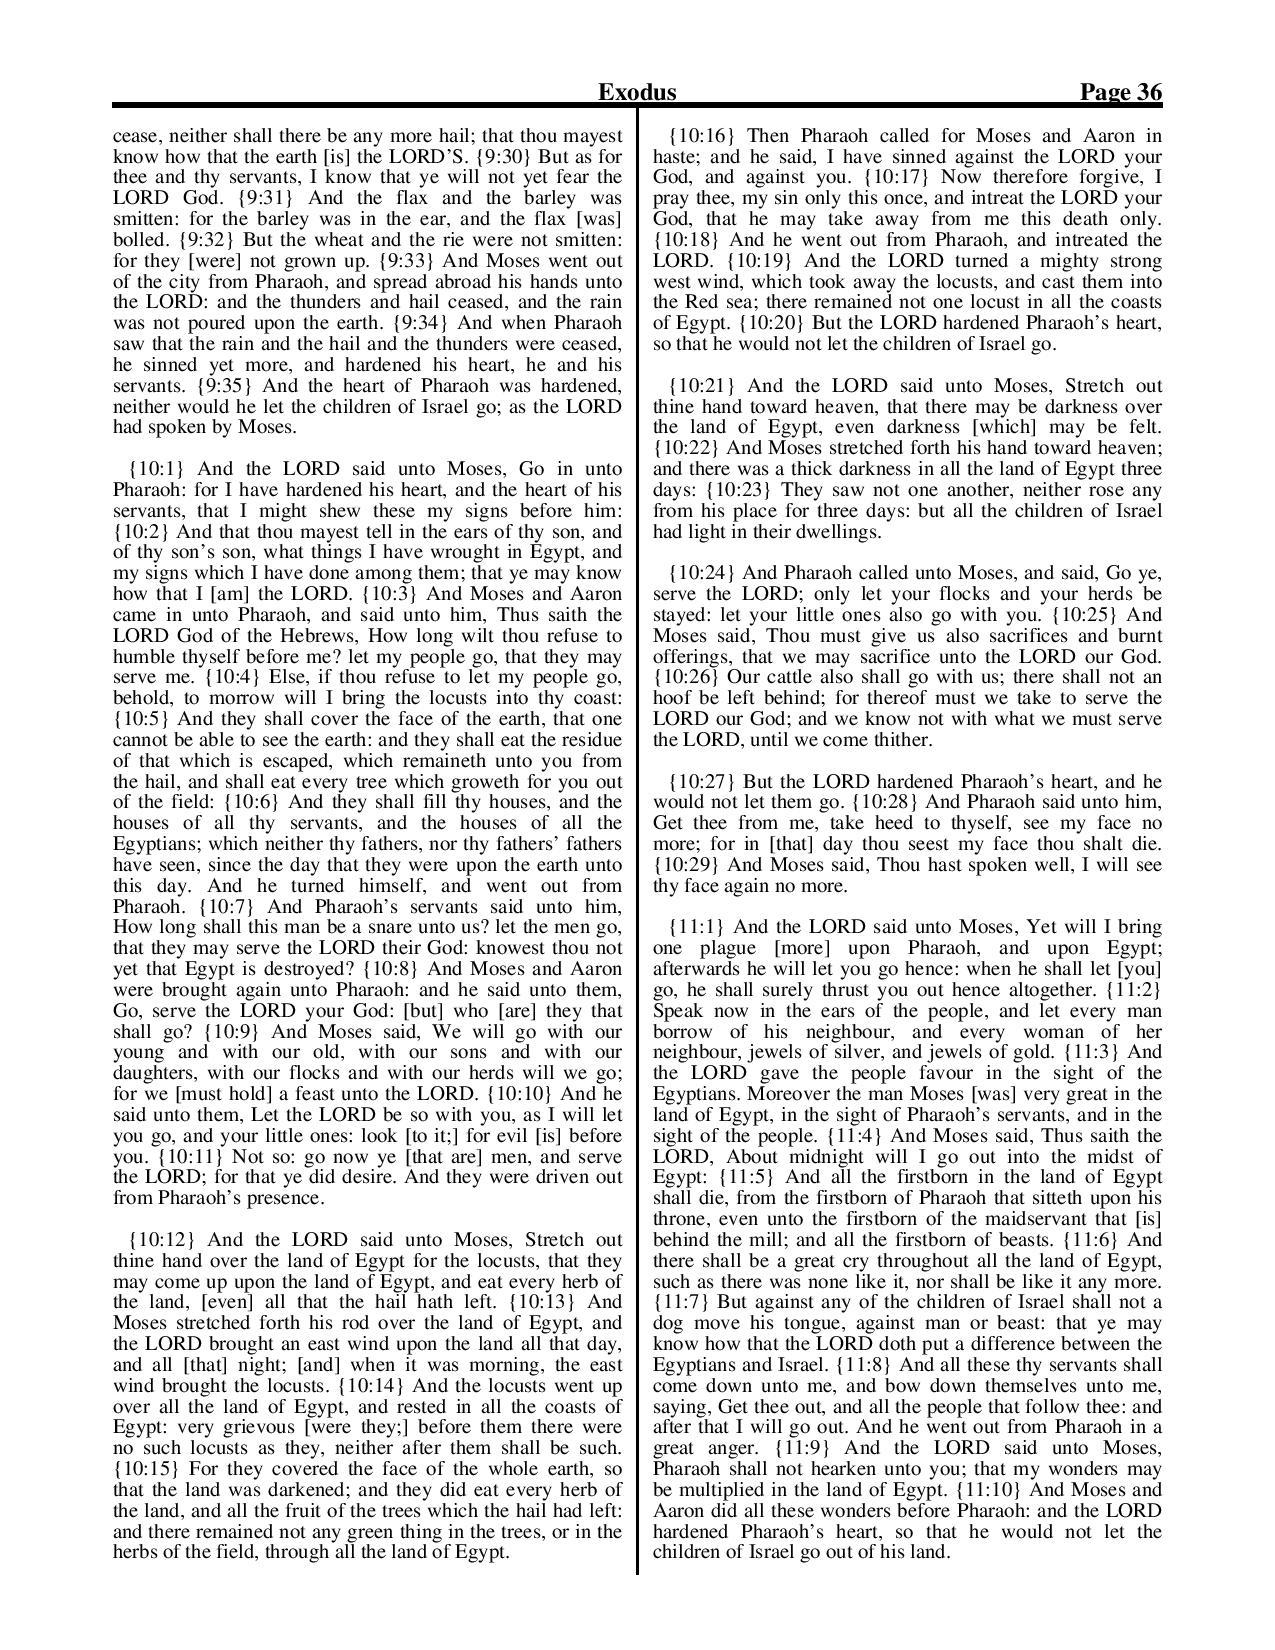 King-James-Bible-KJV-Bible-PDF-page-057